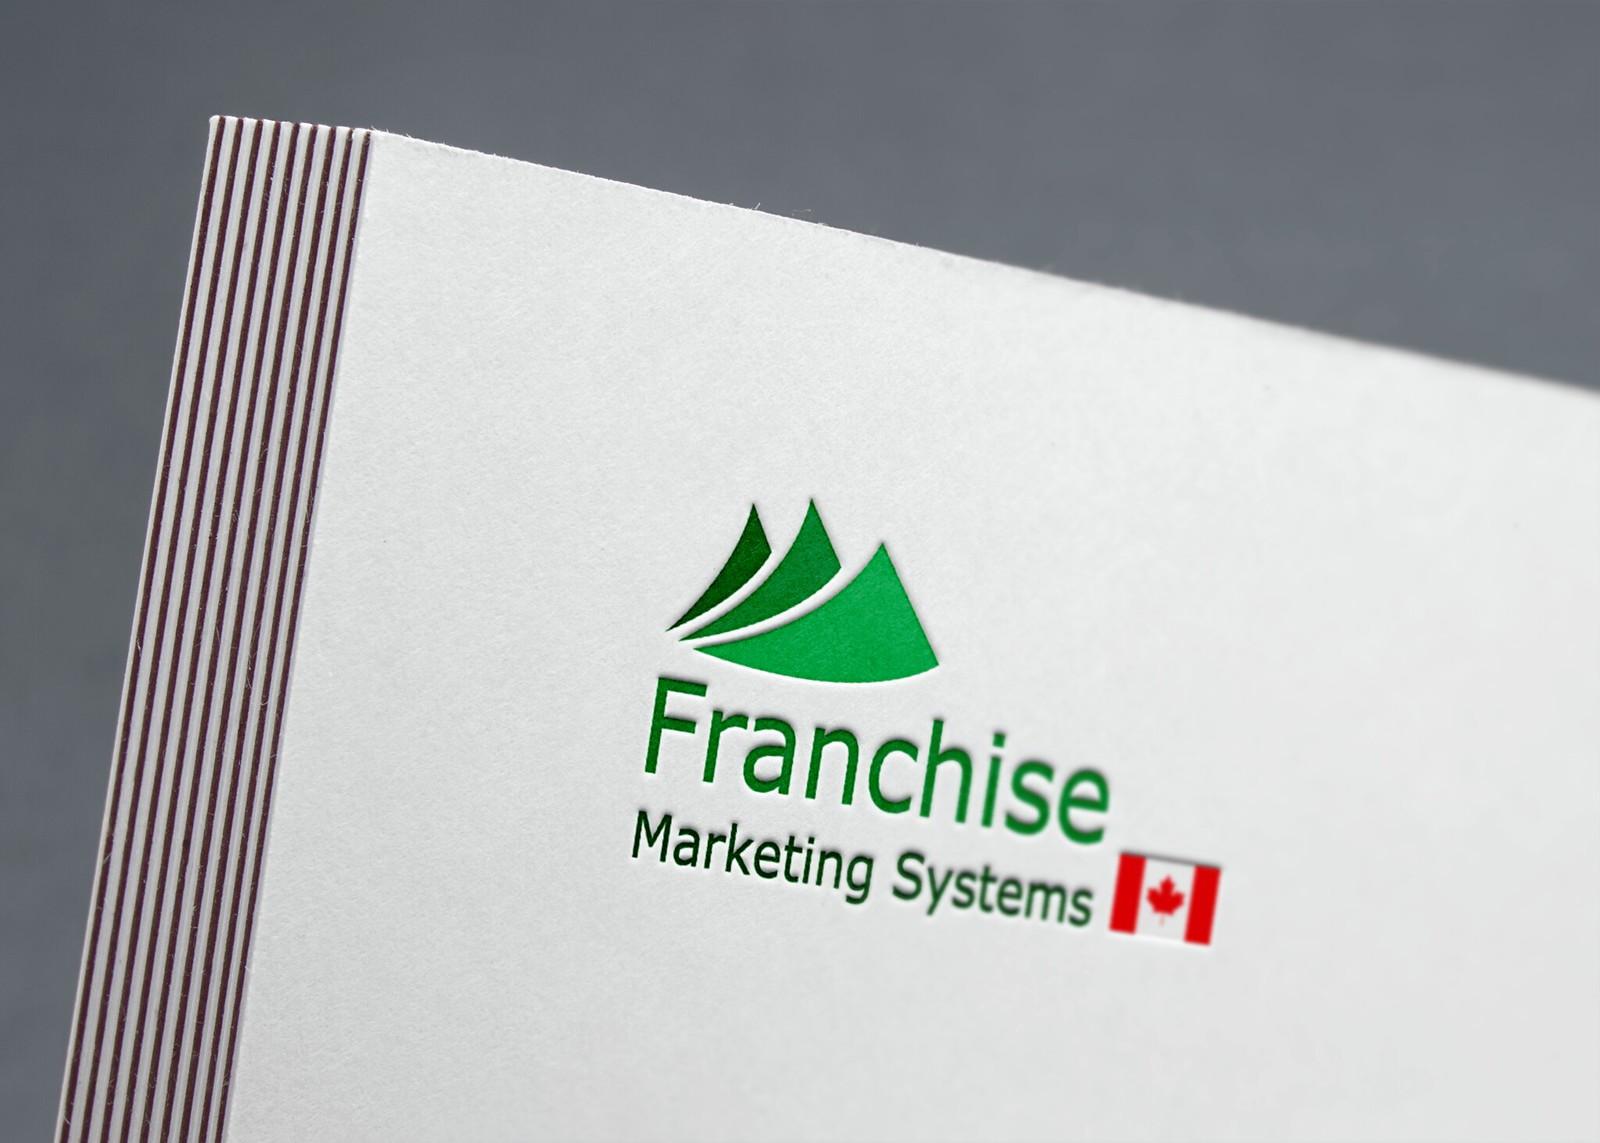 Franchise Marketing Systems Canadad FMS CA FMS Canada Tuyen Chau Marketing Director